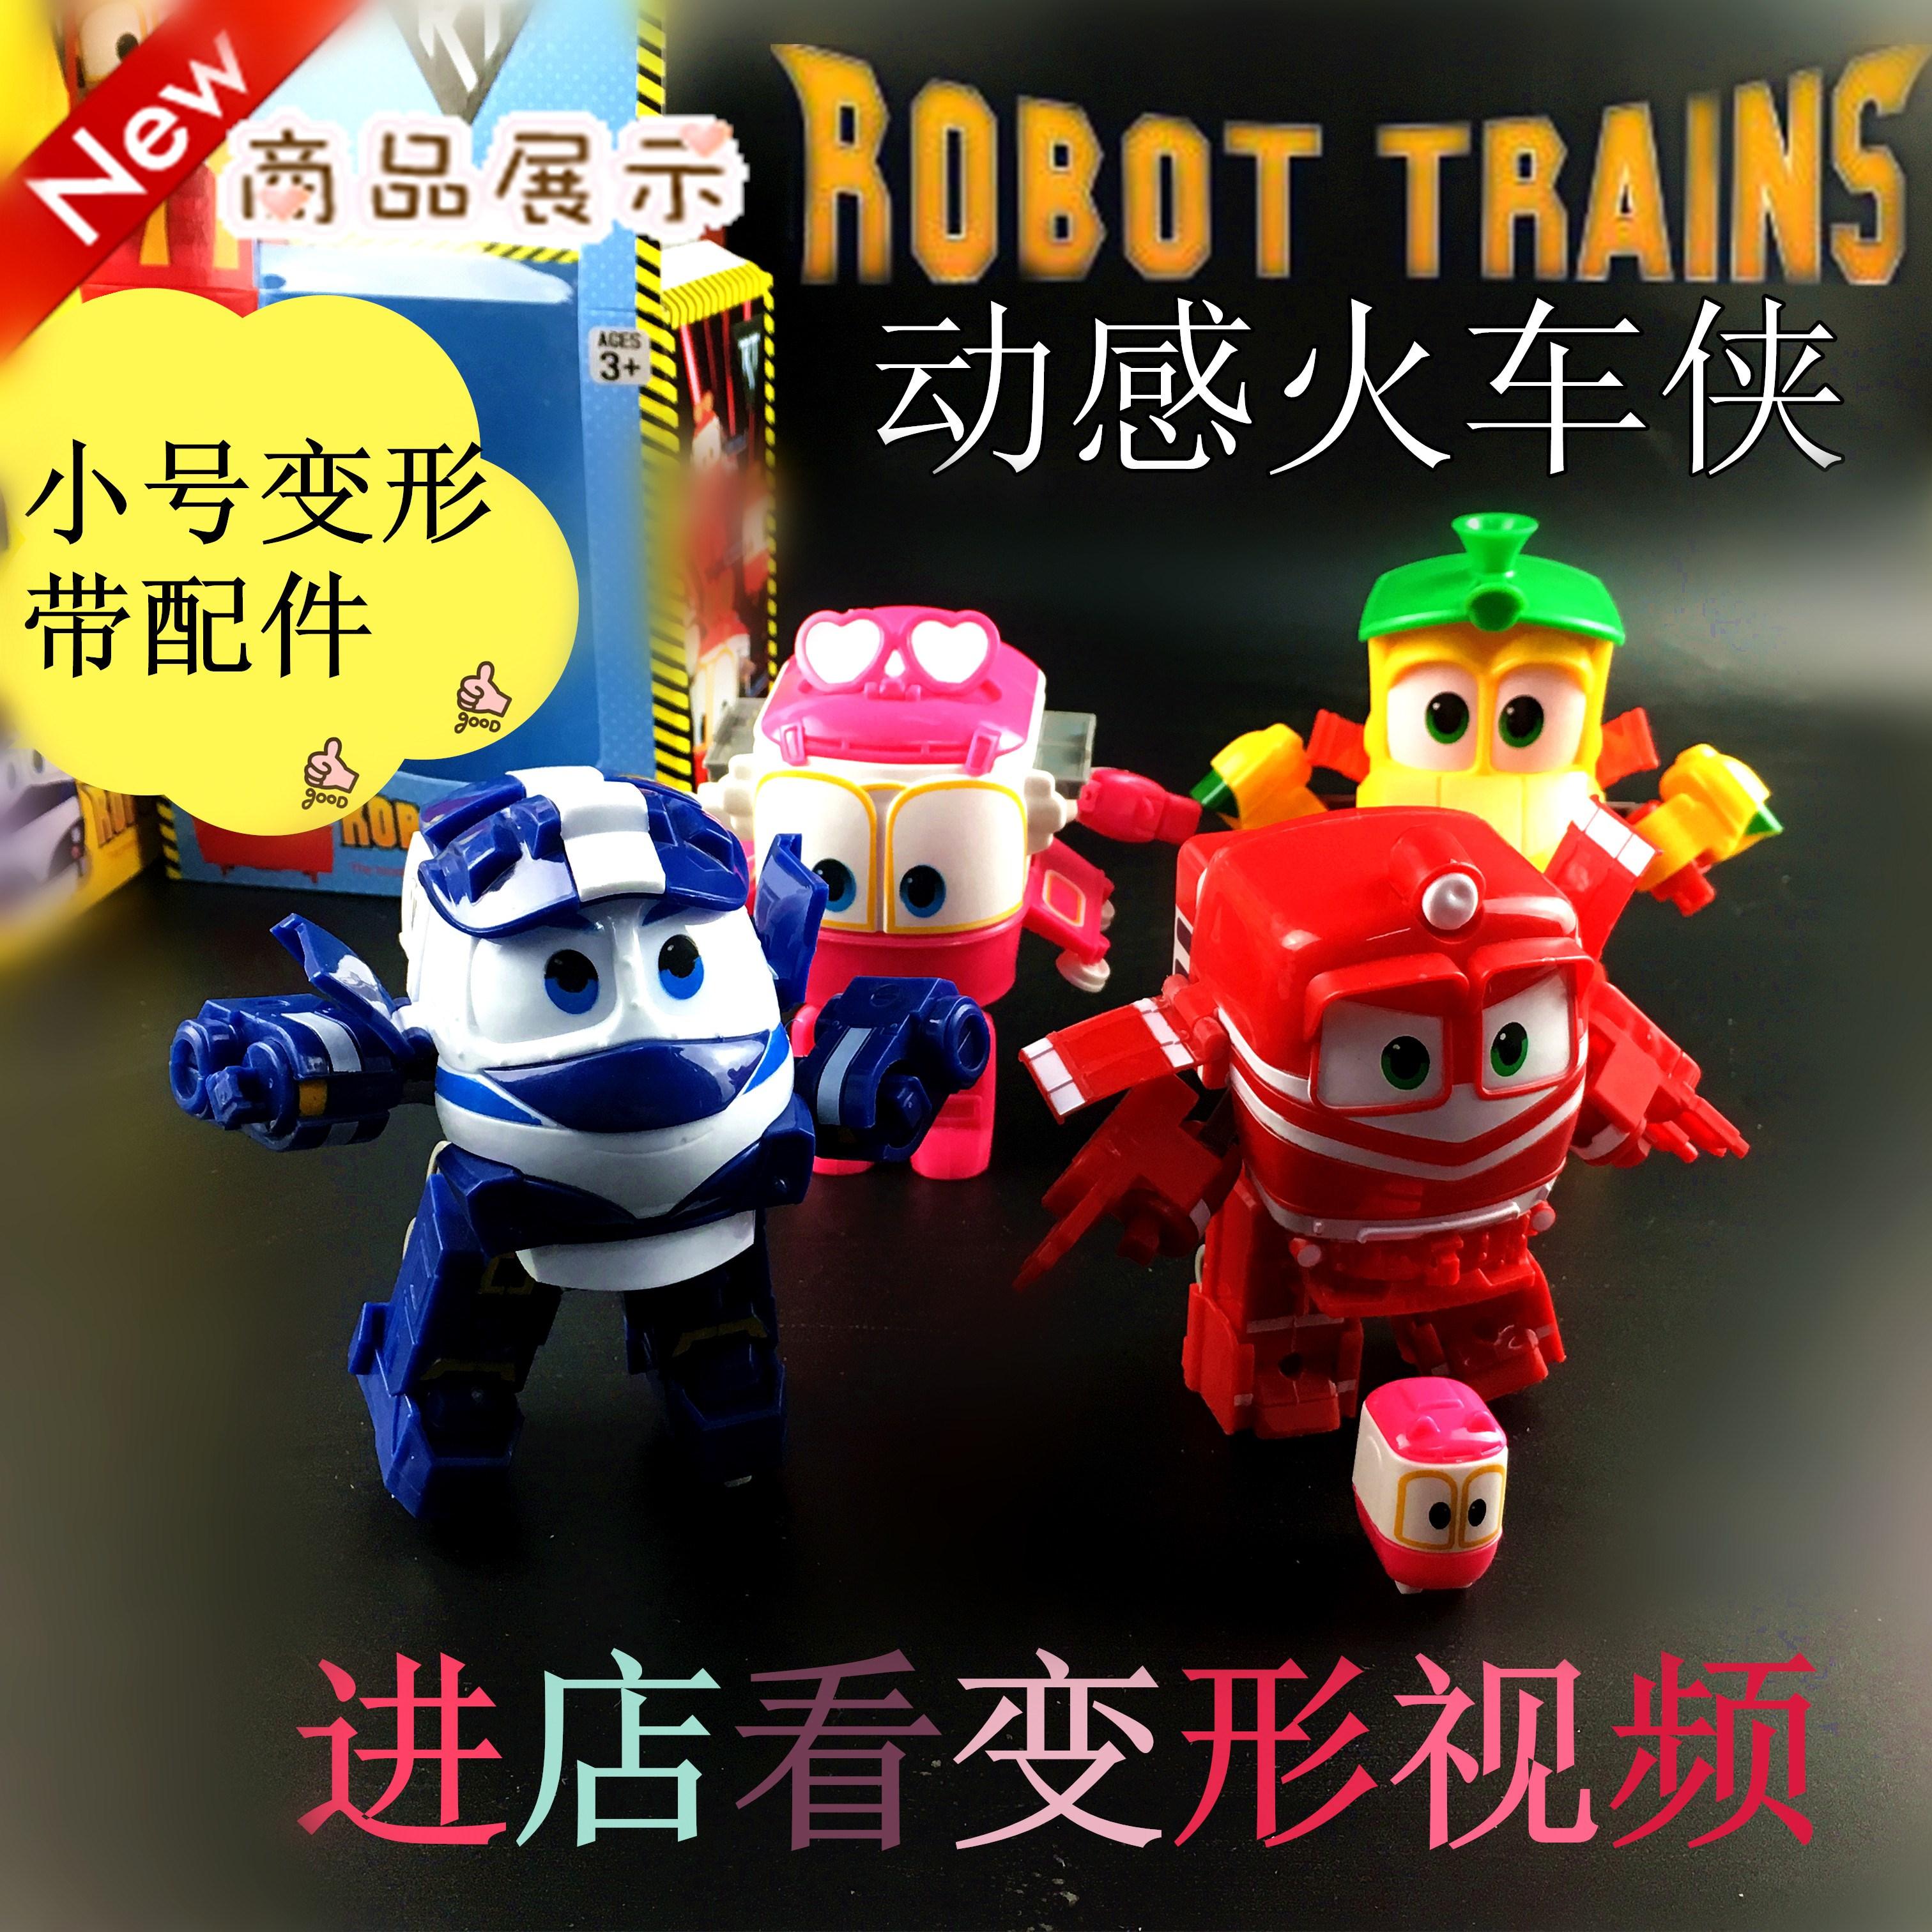 爆款热卖小号带装甲火车侠超级变形机器人飞侠大玩具动感火车家族